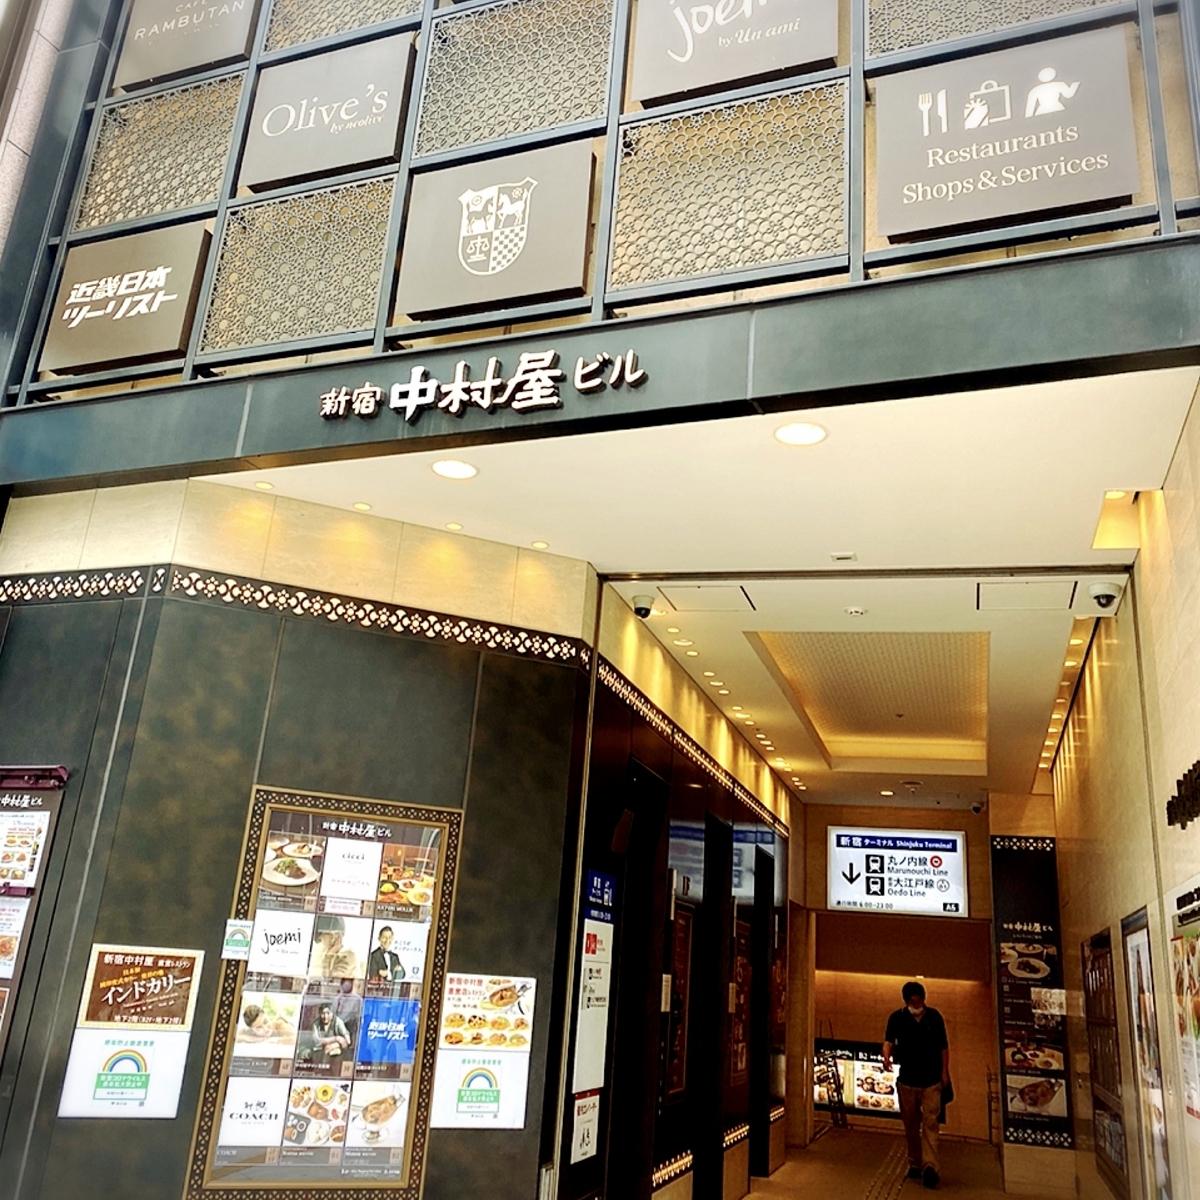 「新宿ディバッタイ」は新宿ランチにおすすめできる素敵な生パッタイ専門店